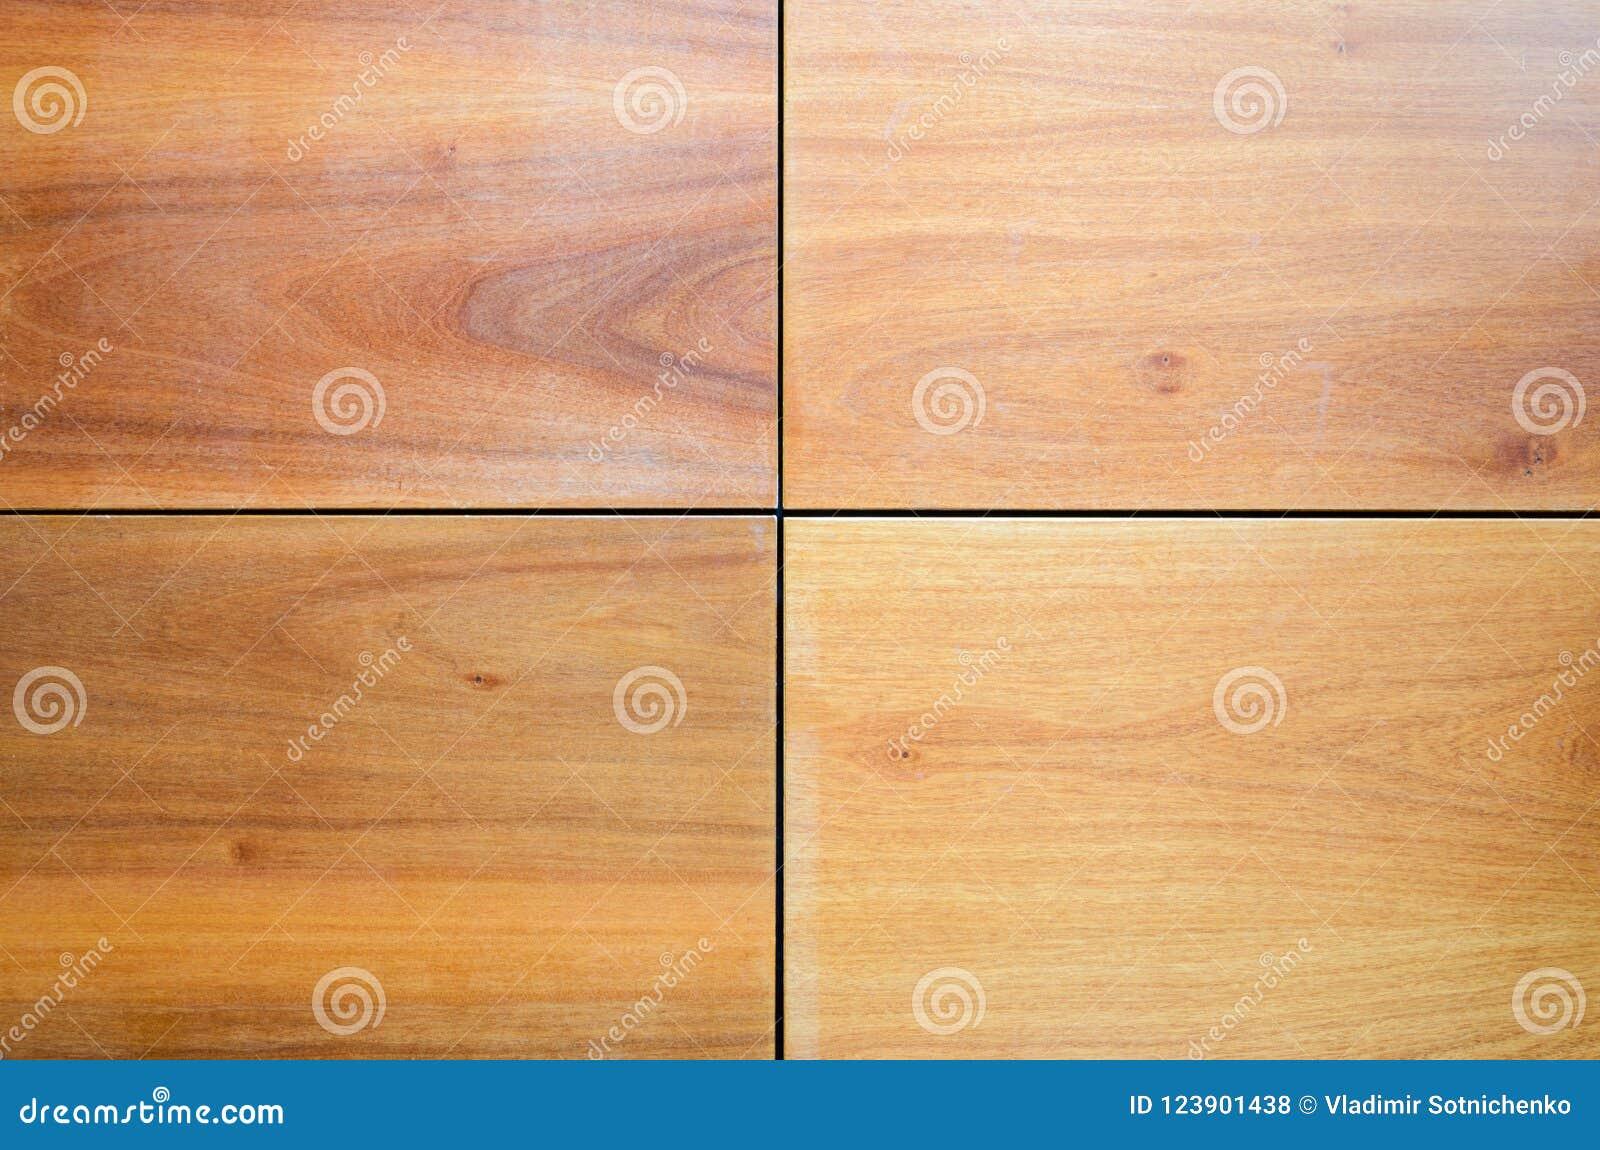 Wood Finishing Wall Panels Background Stock Photo - Image of ...